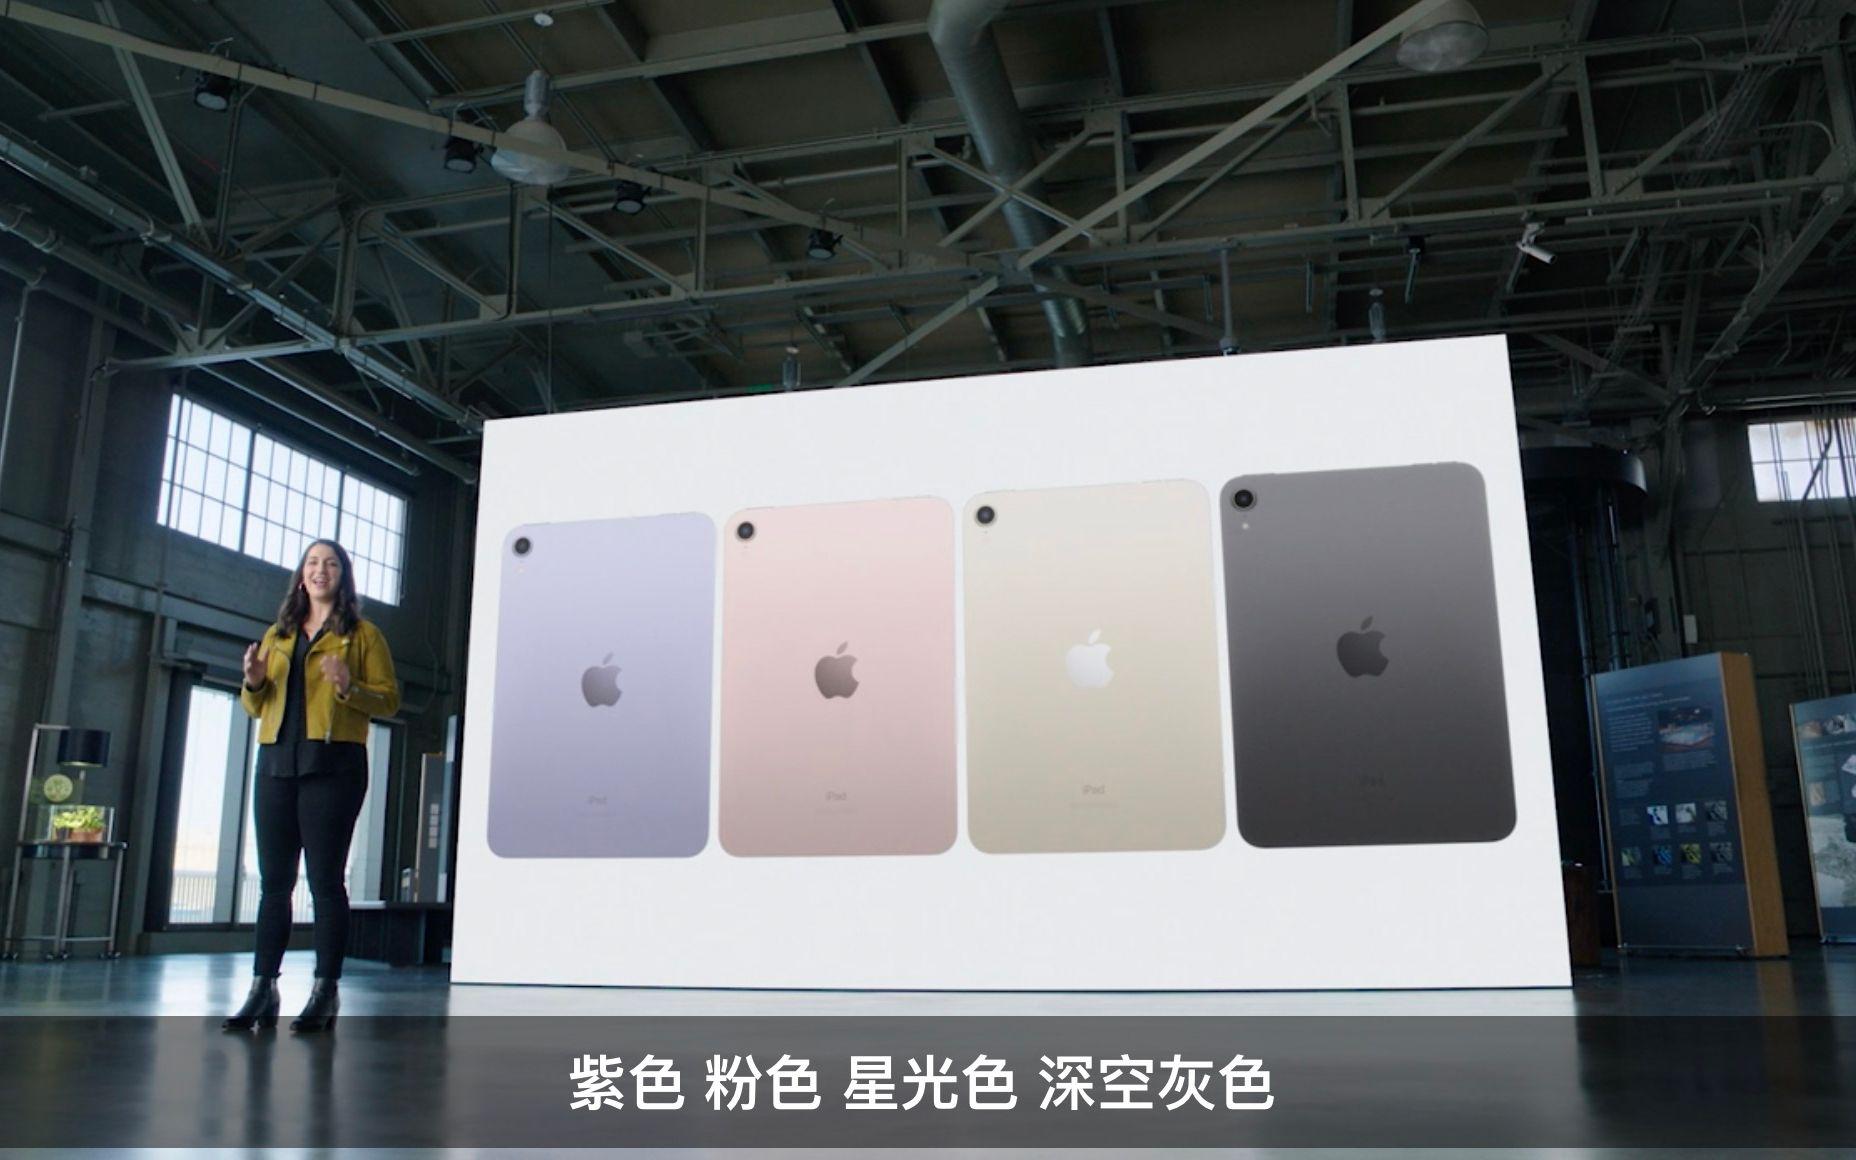 新闻8点见│5199元起!苹果发布iPhone 13系列手机